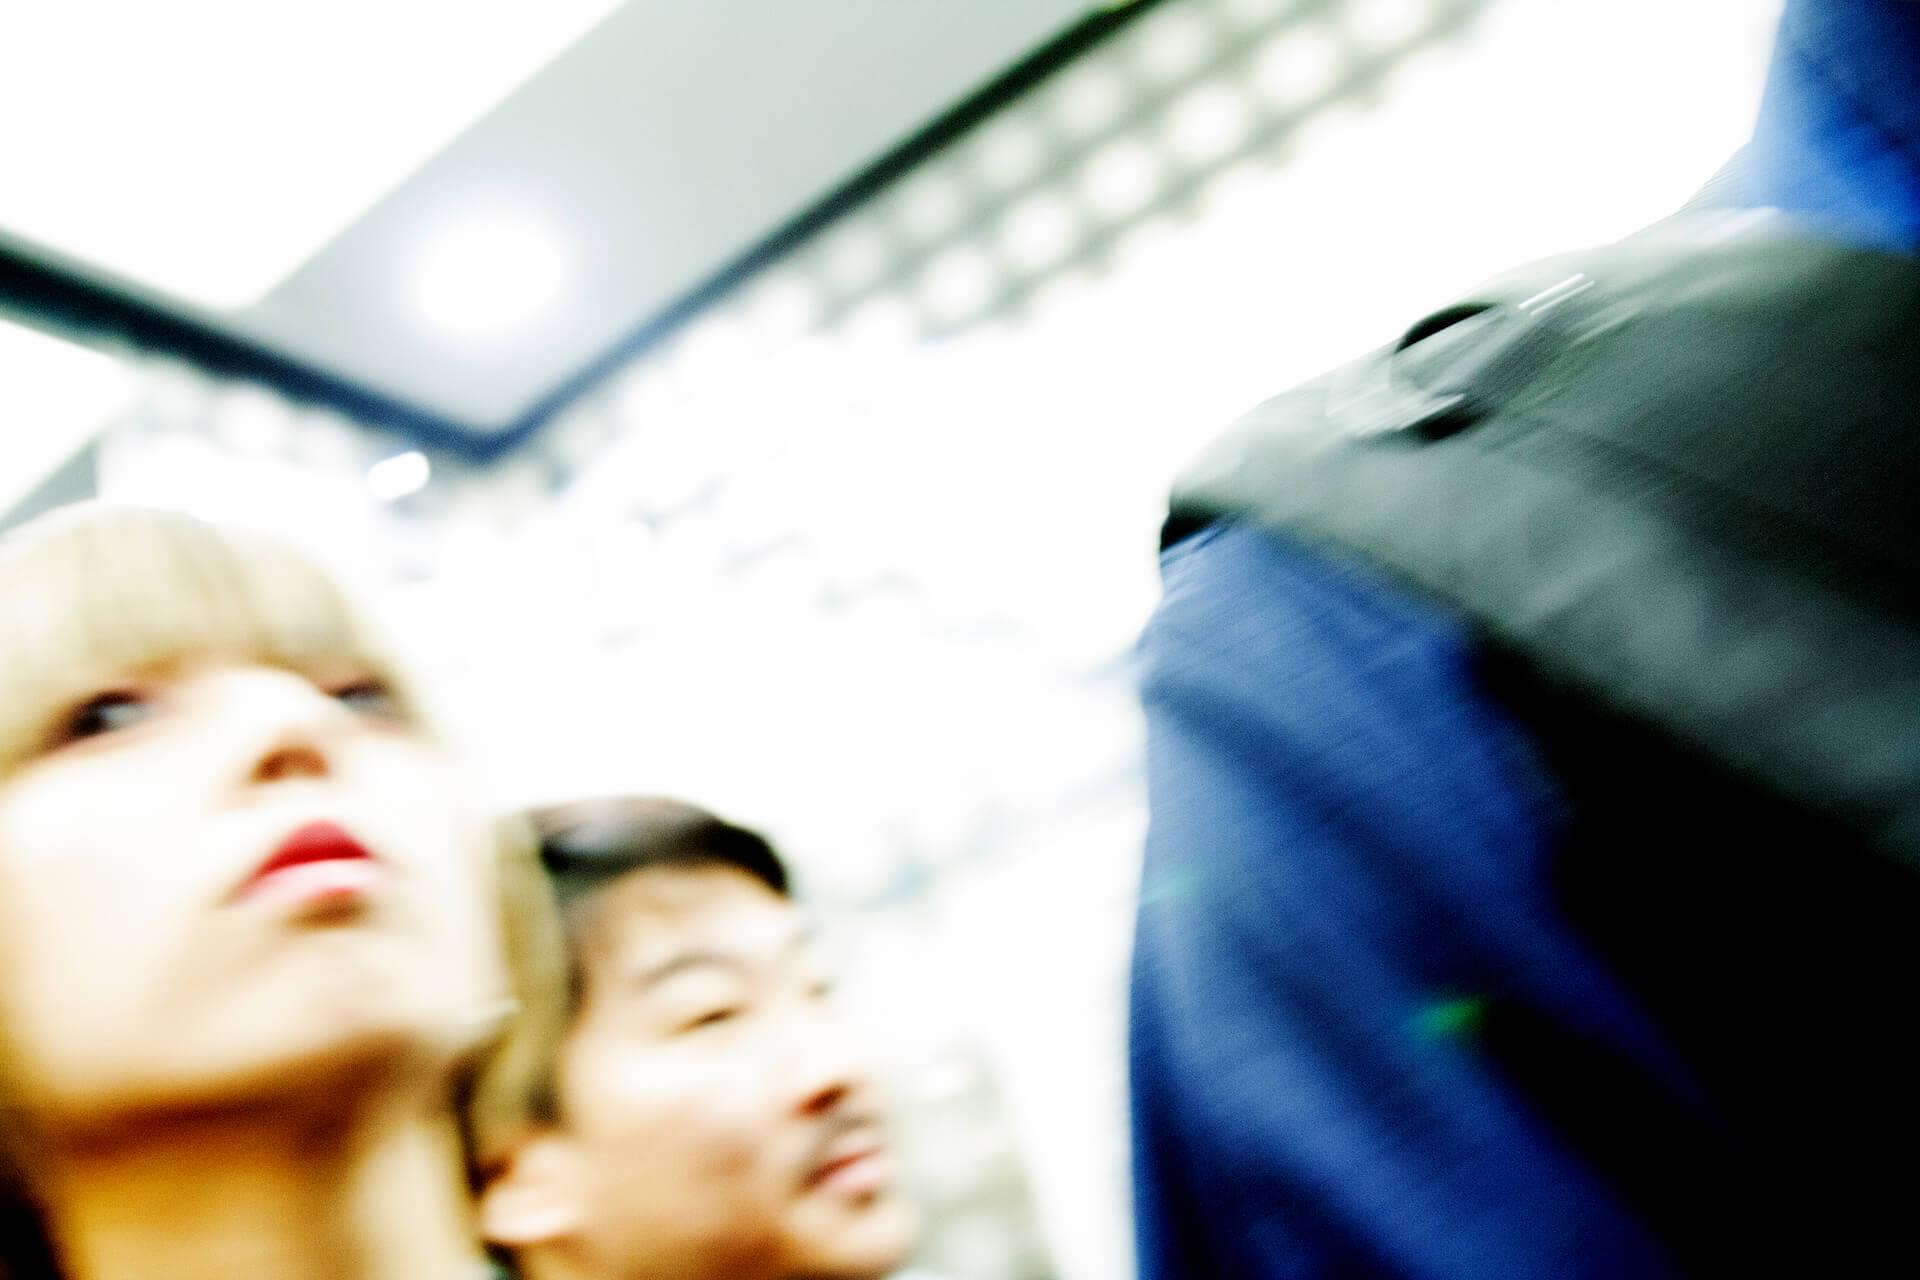 コウキシン女子の初体験 vol.11 まりりん:LOST IN KARAOKE@新宿カラオケ館 column181011-red-bull-music-festival-tokyo-2018-lost-in-karaoke-1